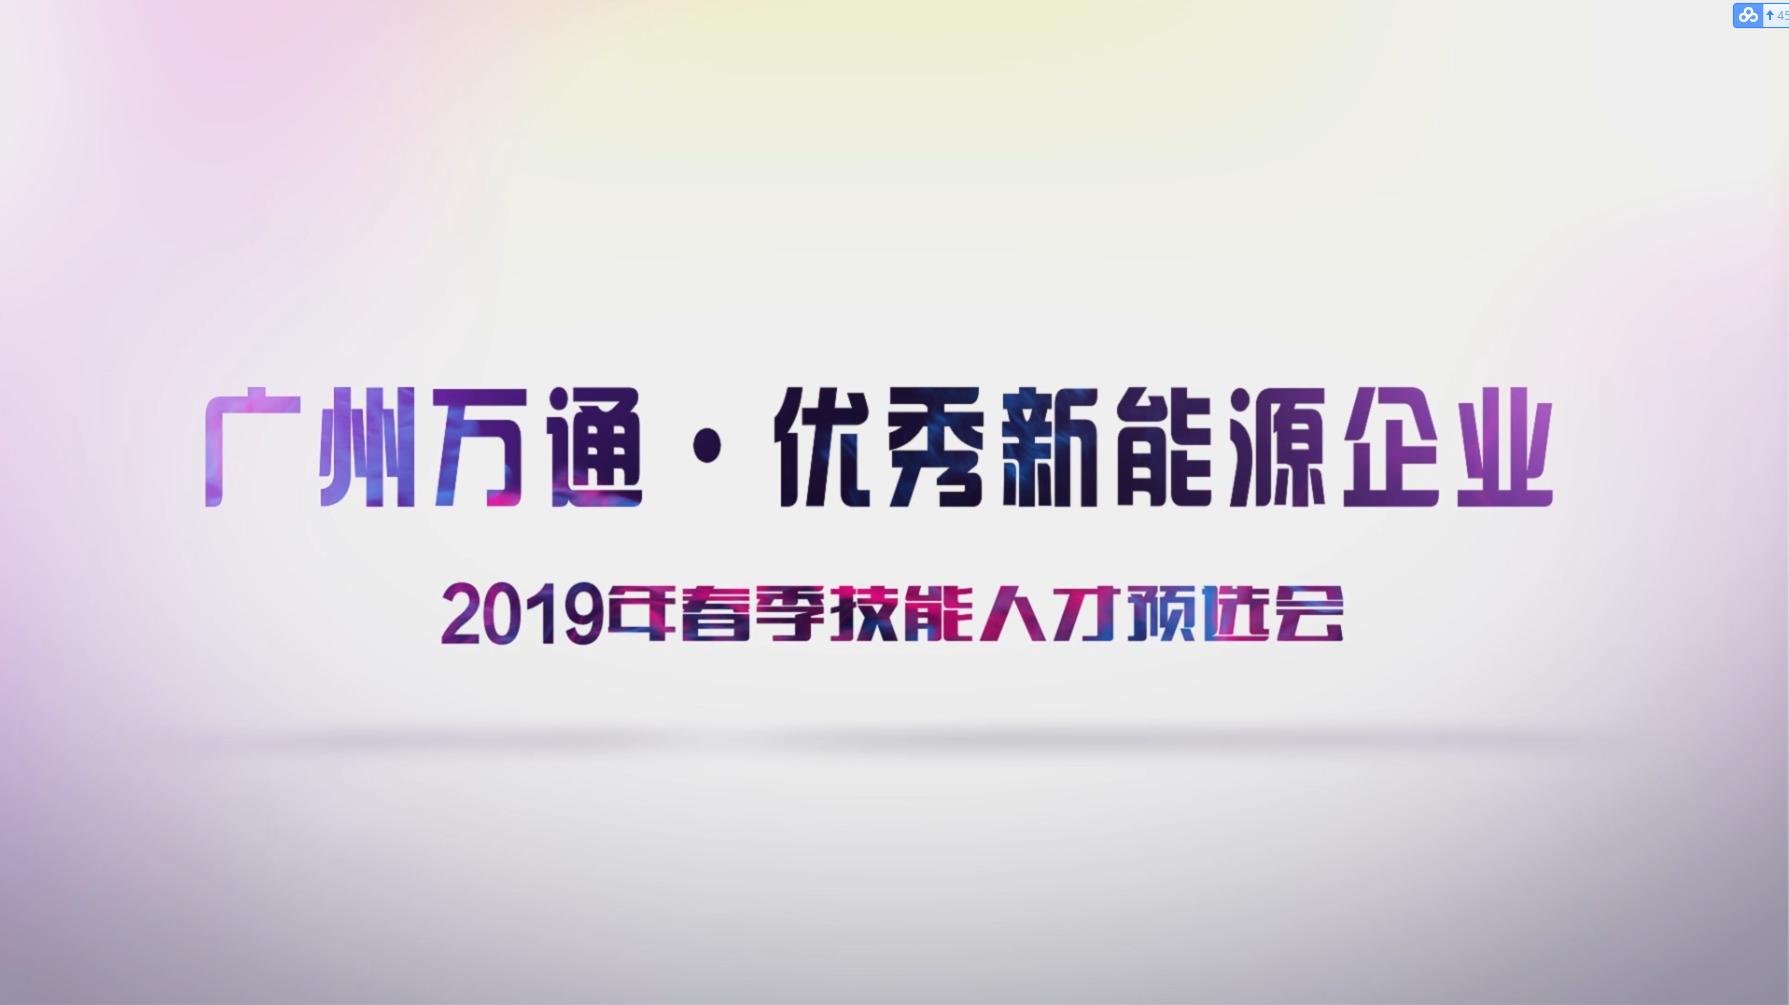 2019年新能源人才预选会